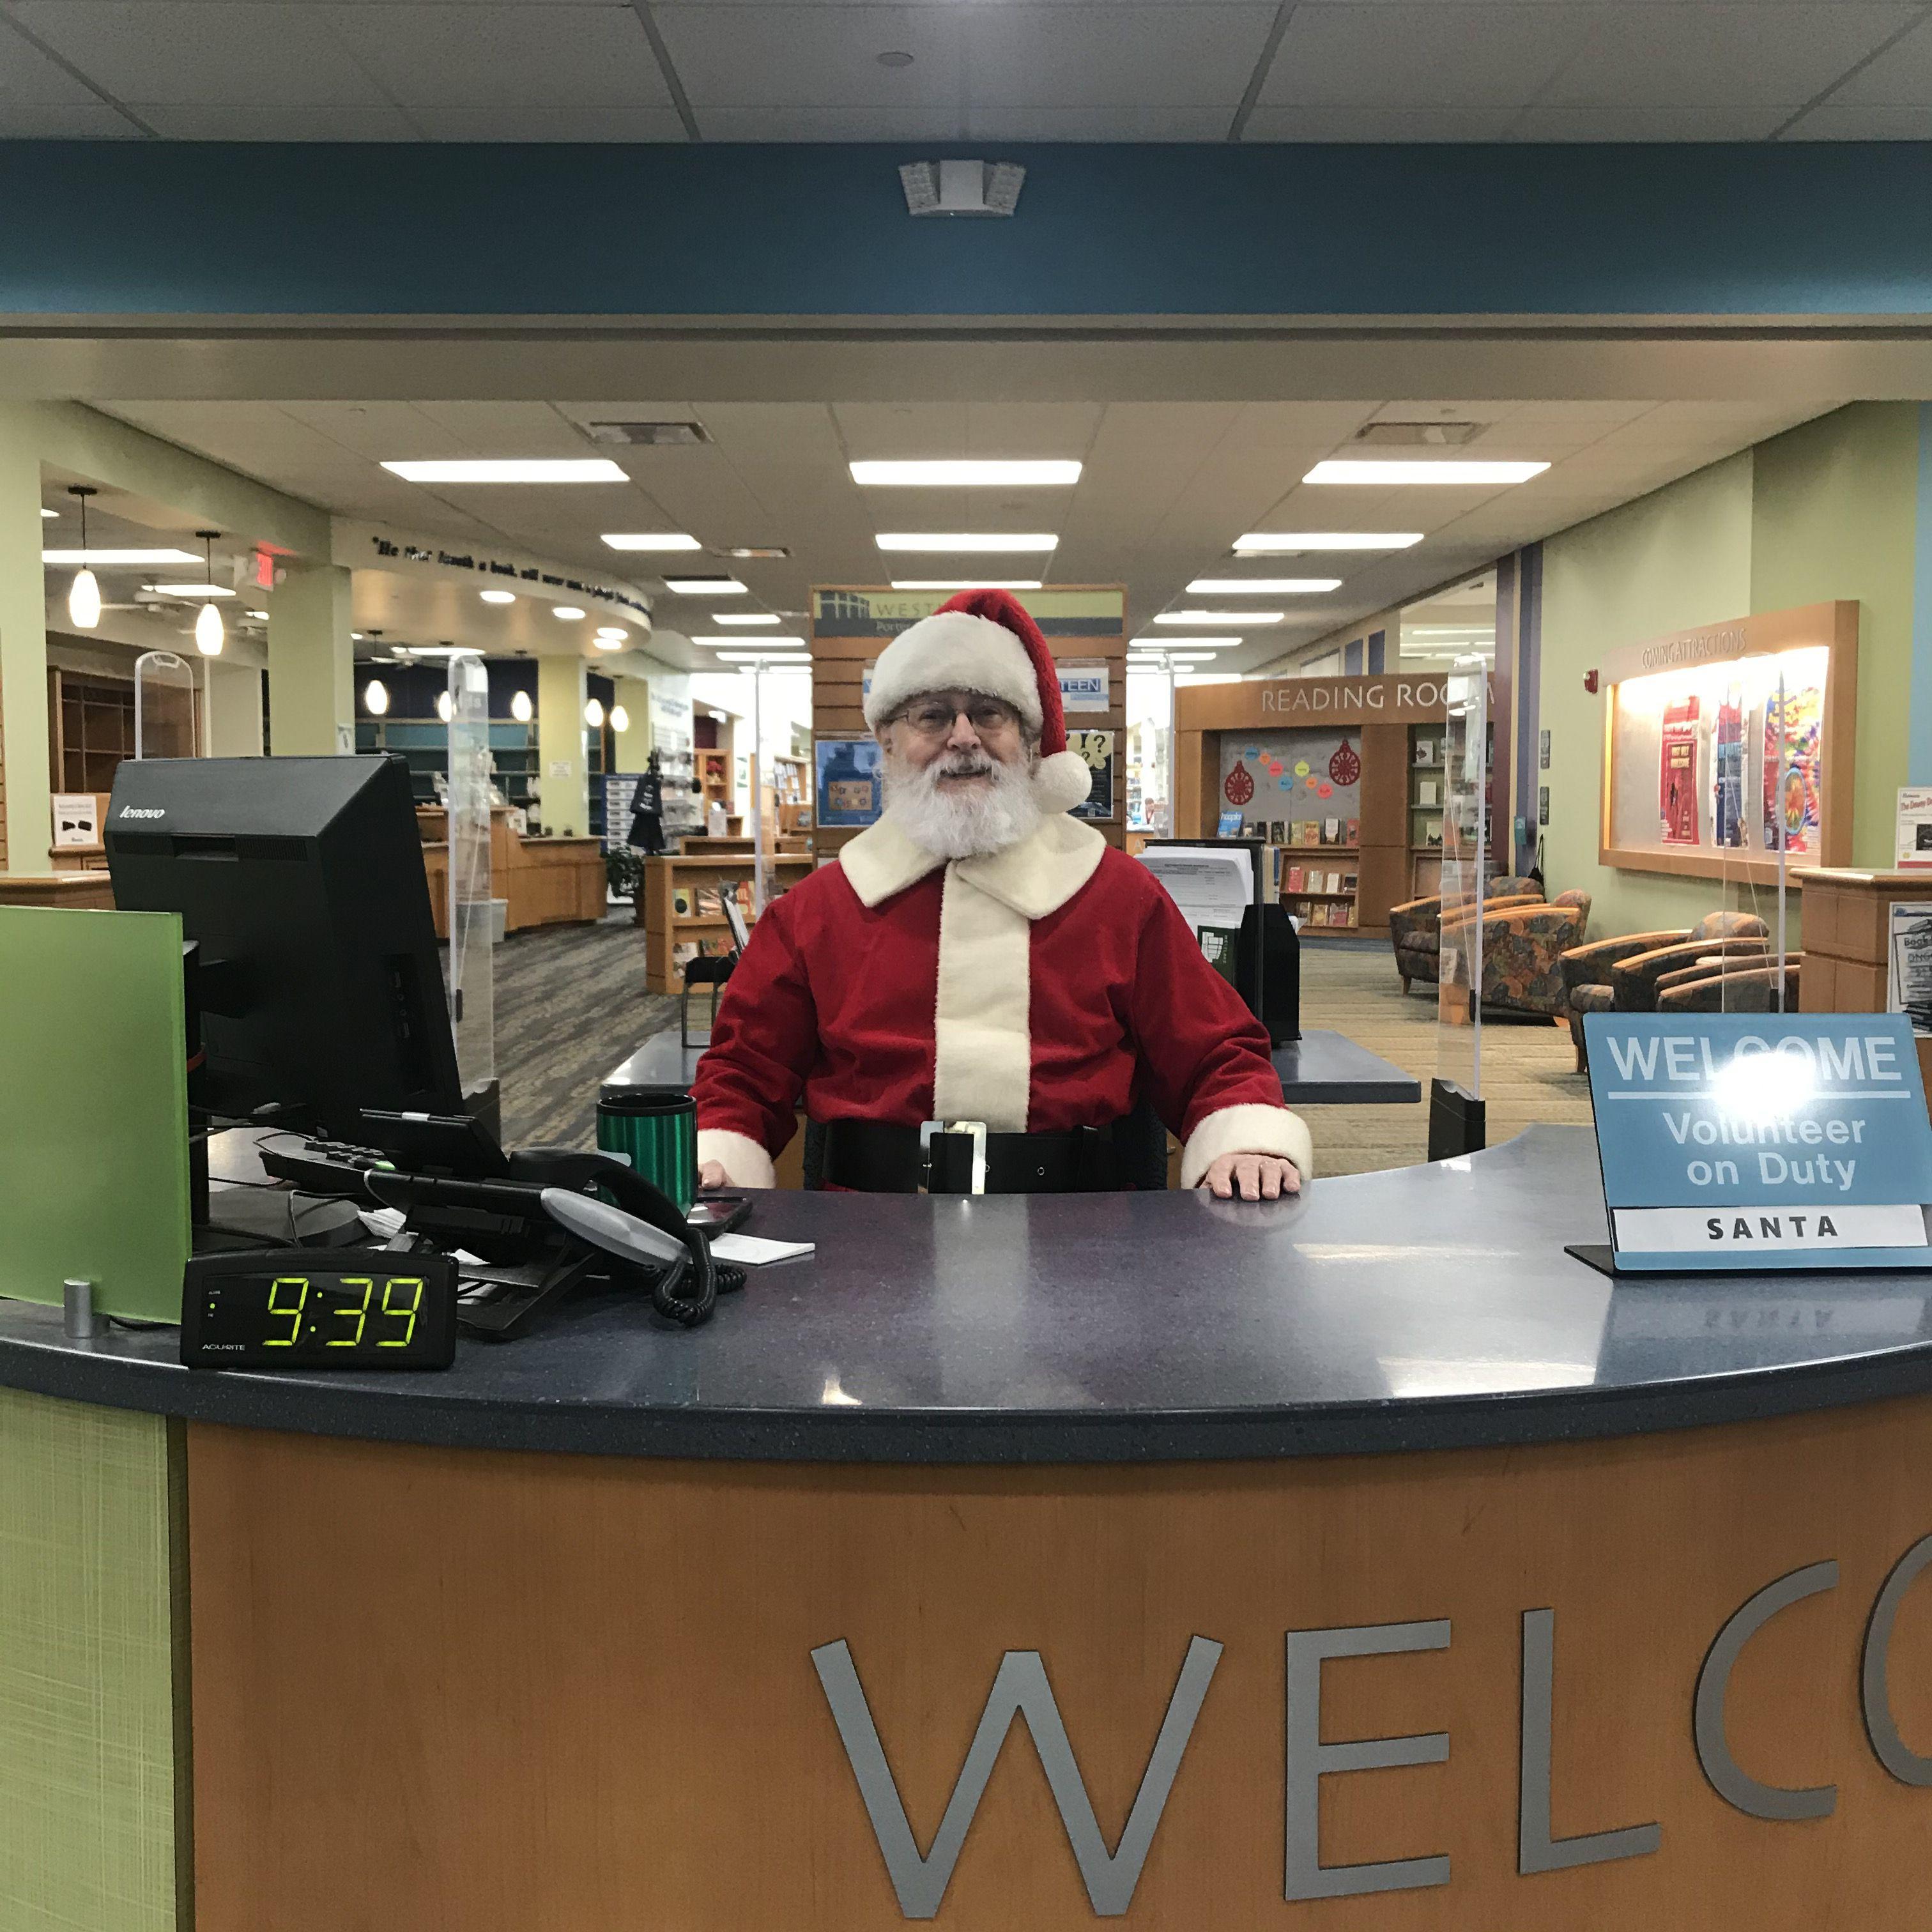 Santa at desk photo